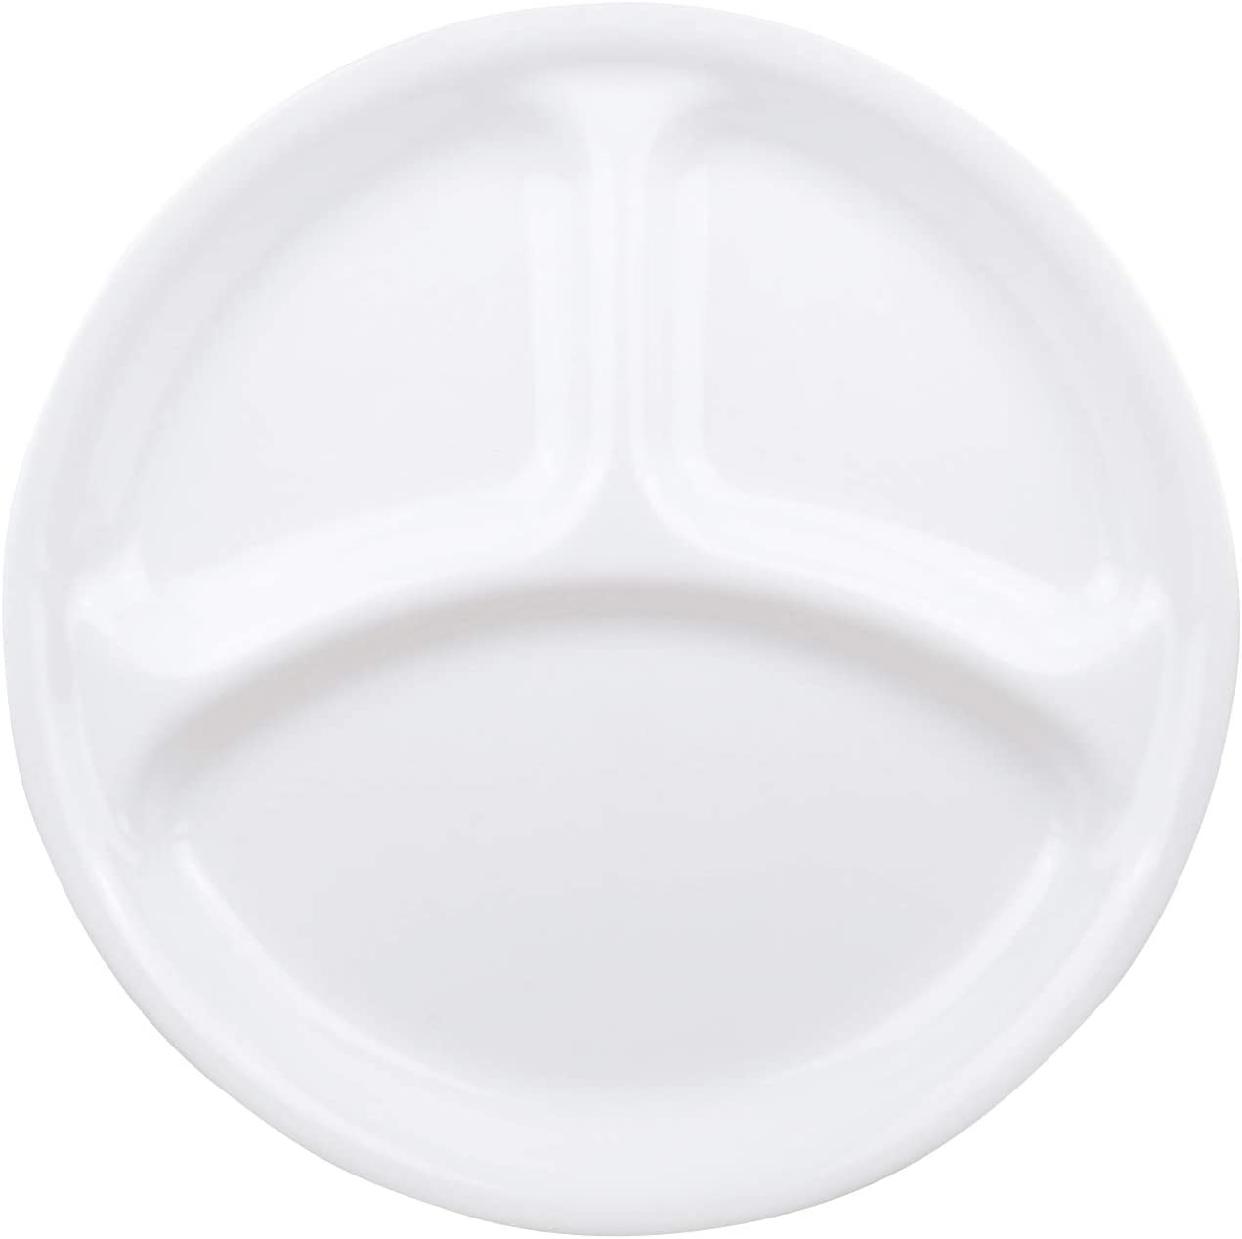 ウインターフロストホワイト ランチ皿(大)ホワイト J310-Nの商品画像